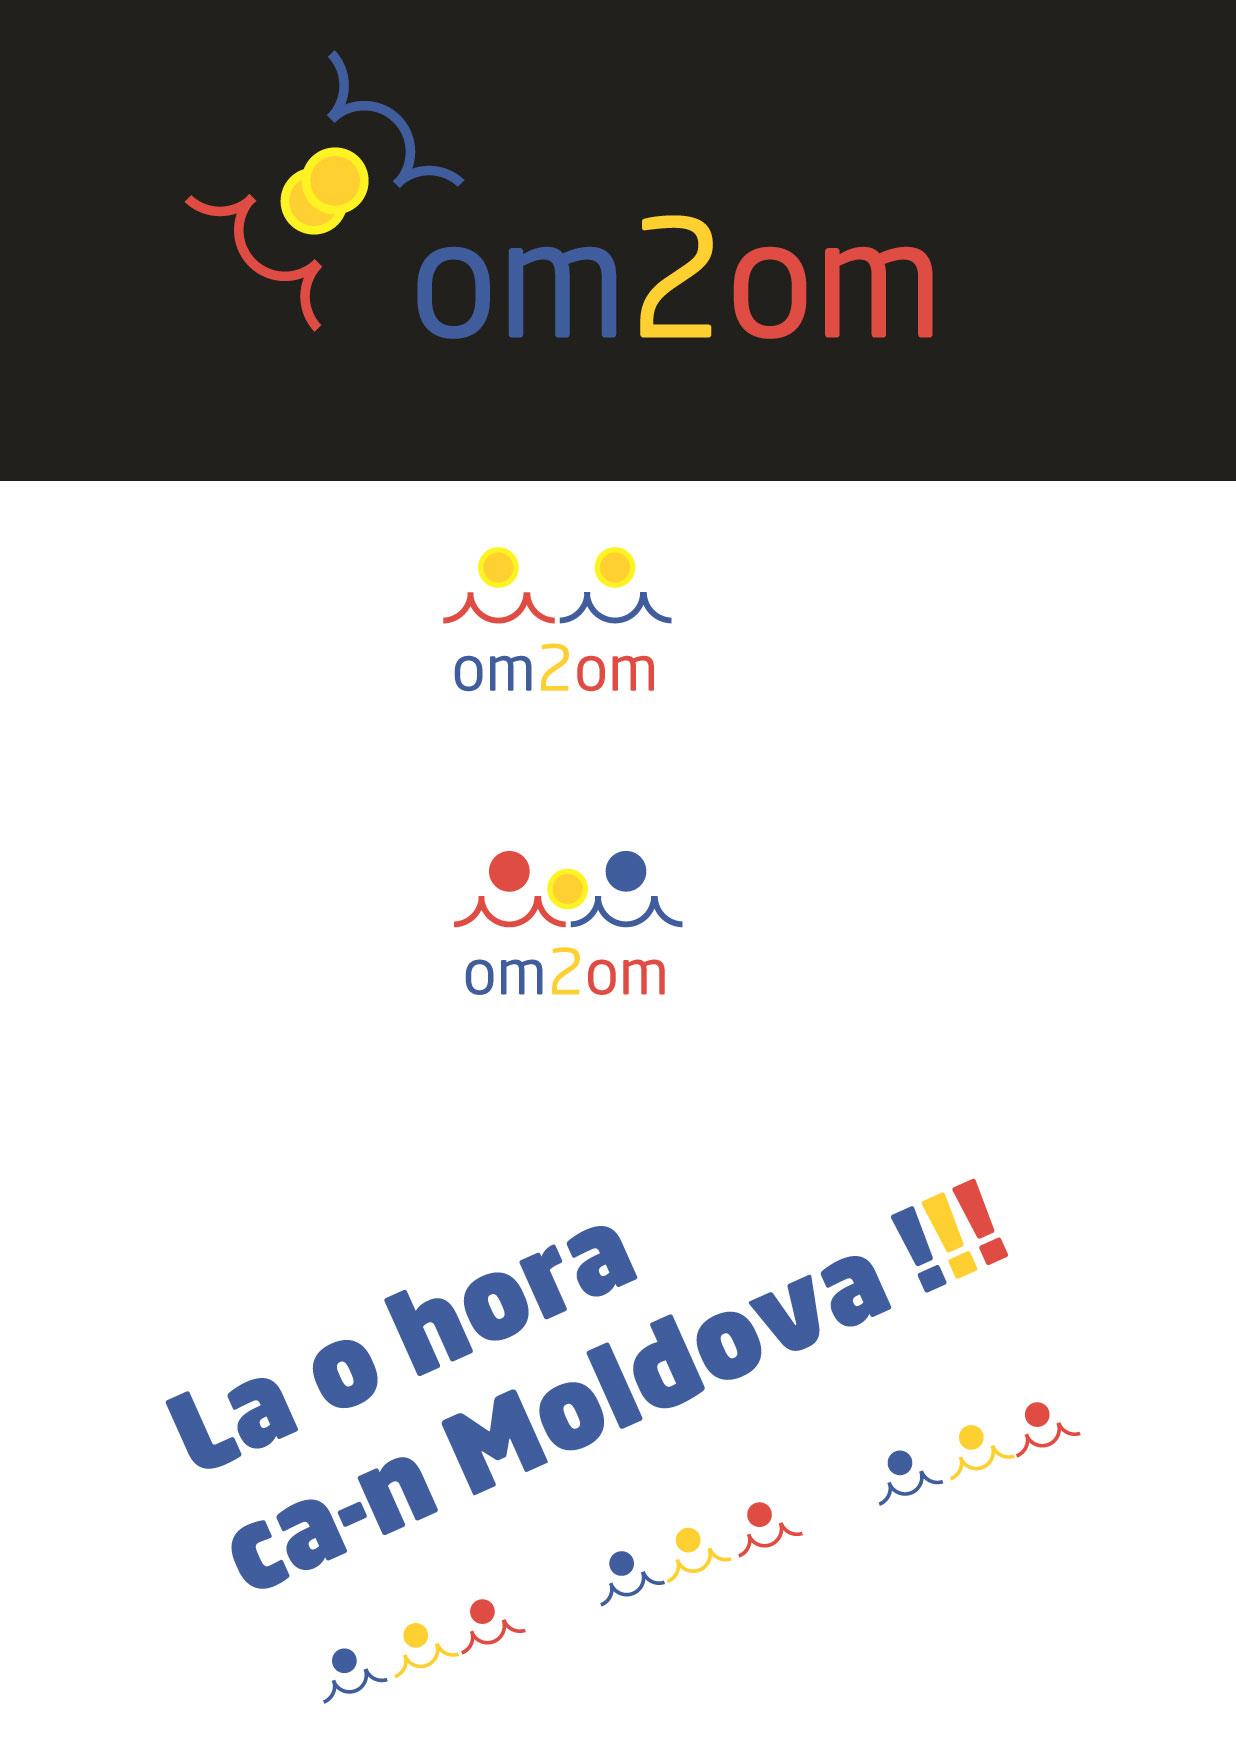 Разработка логотипа для краудфандинговой платформы om2om.md фото f_8525f5de6c2d74d6.jpg